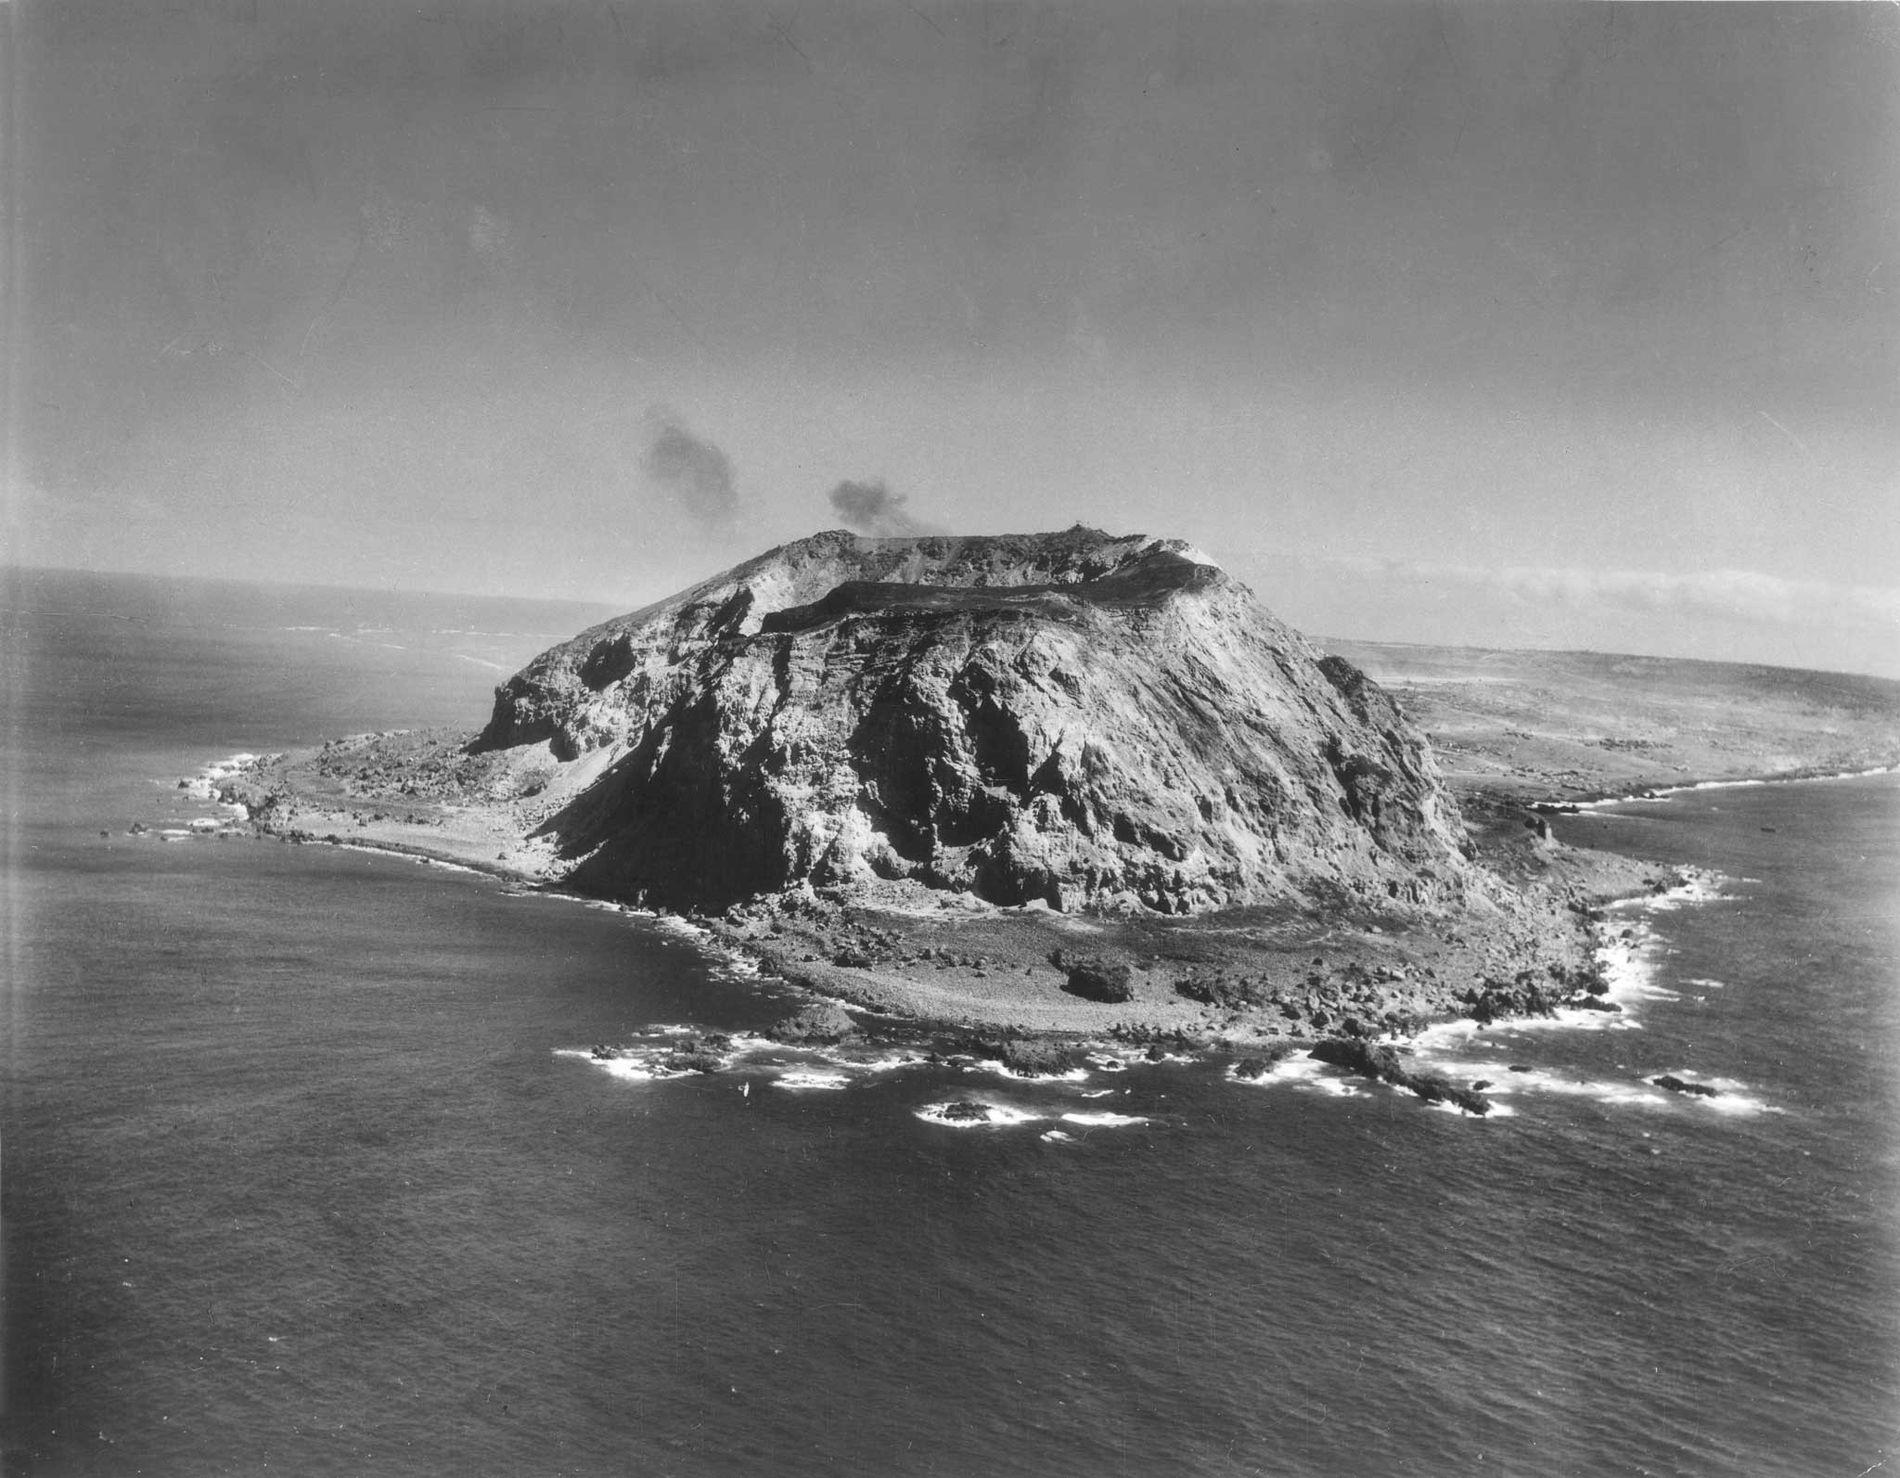 Dominada pelo Monte Suribachi de 169 metros, a ilha de Iwo Jima foi um importante ponto ...